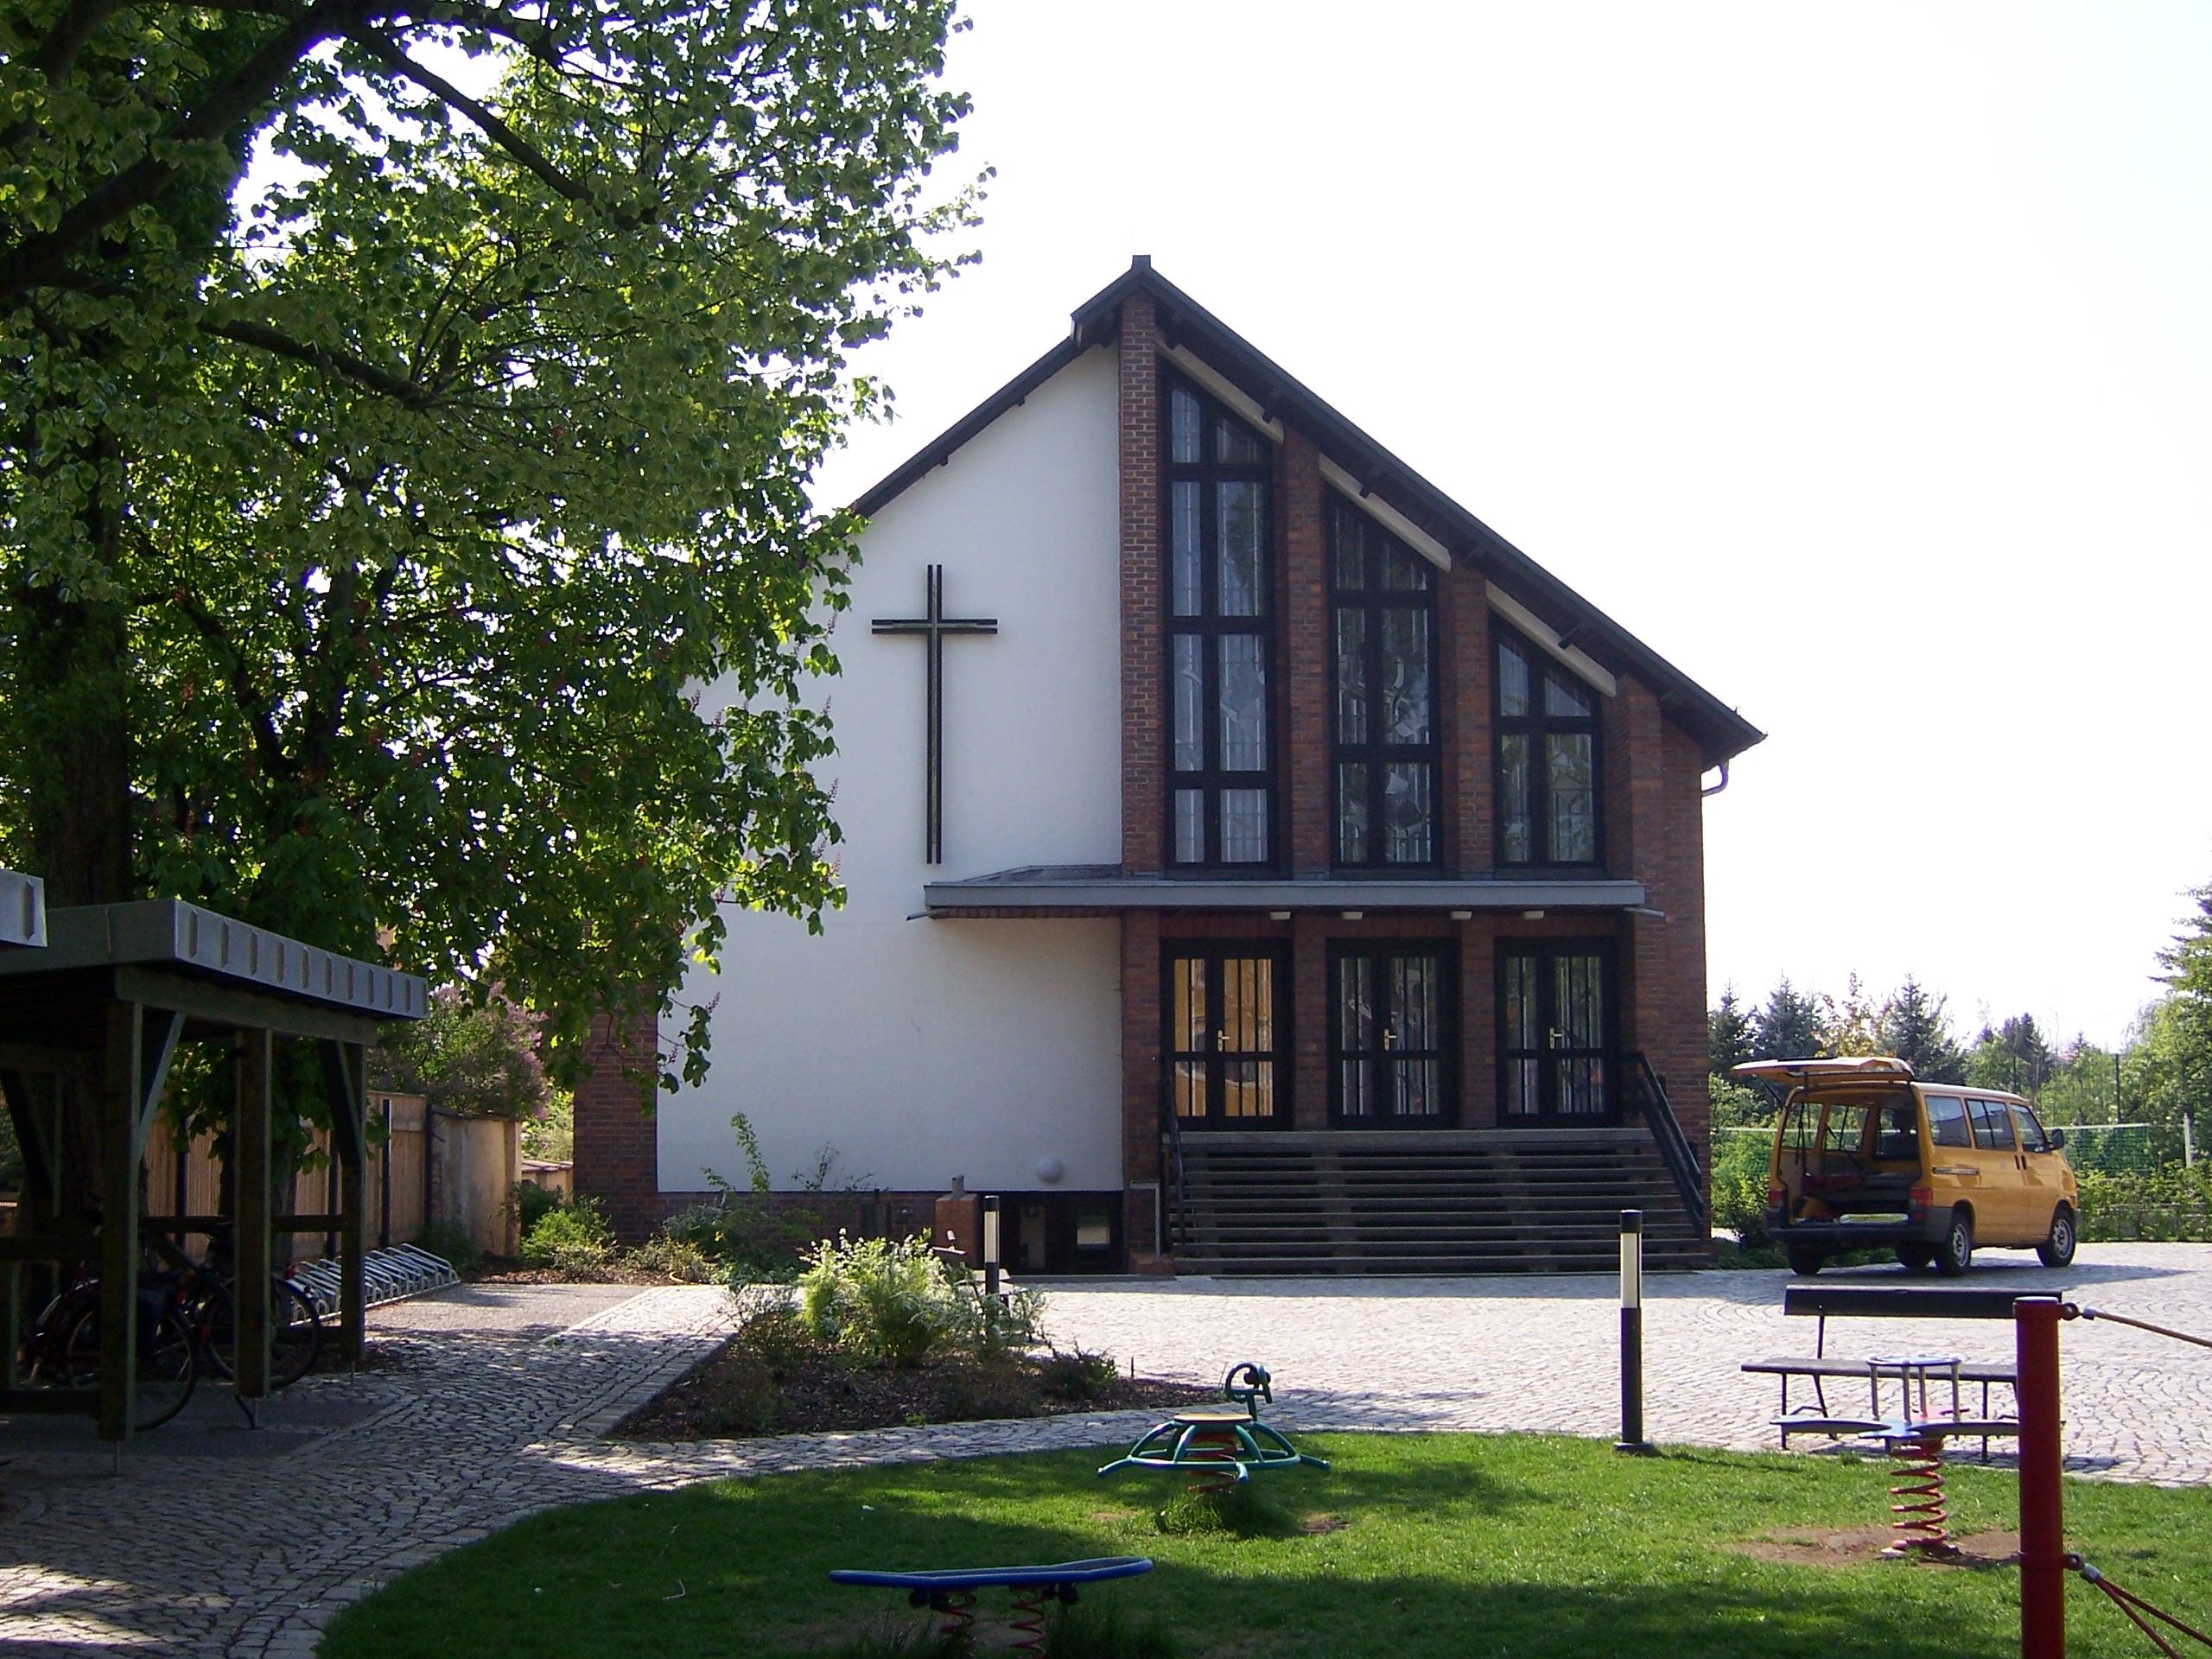 File:Kirche Heilige Familie Dresden.JPG - Wikimedia Commons